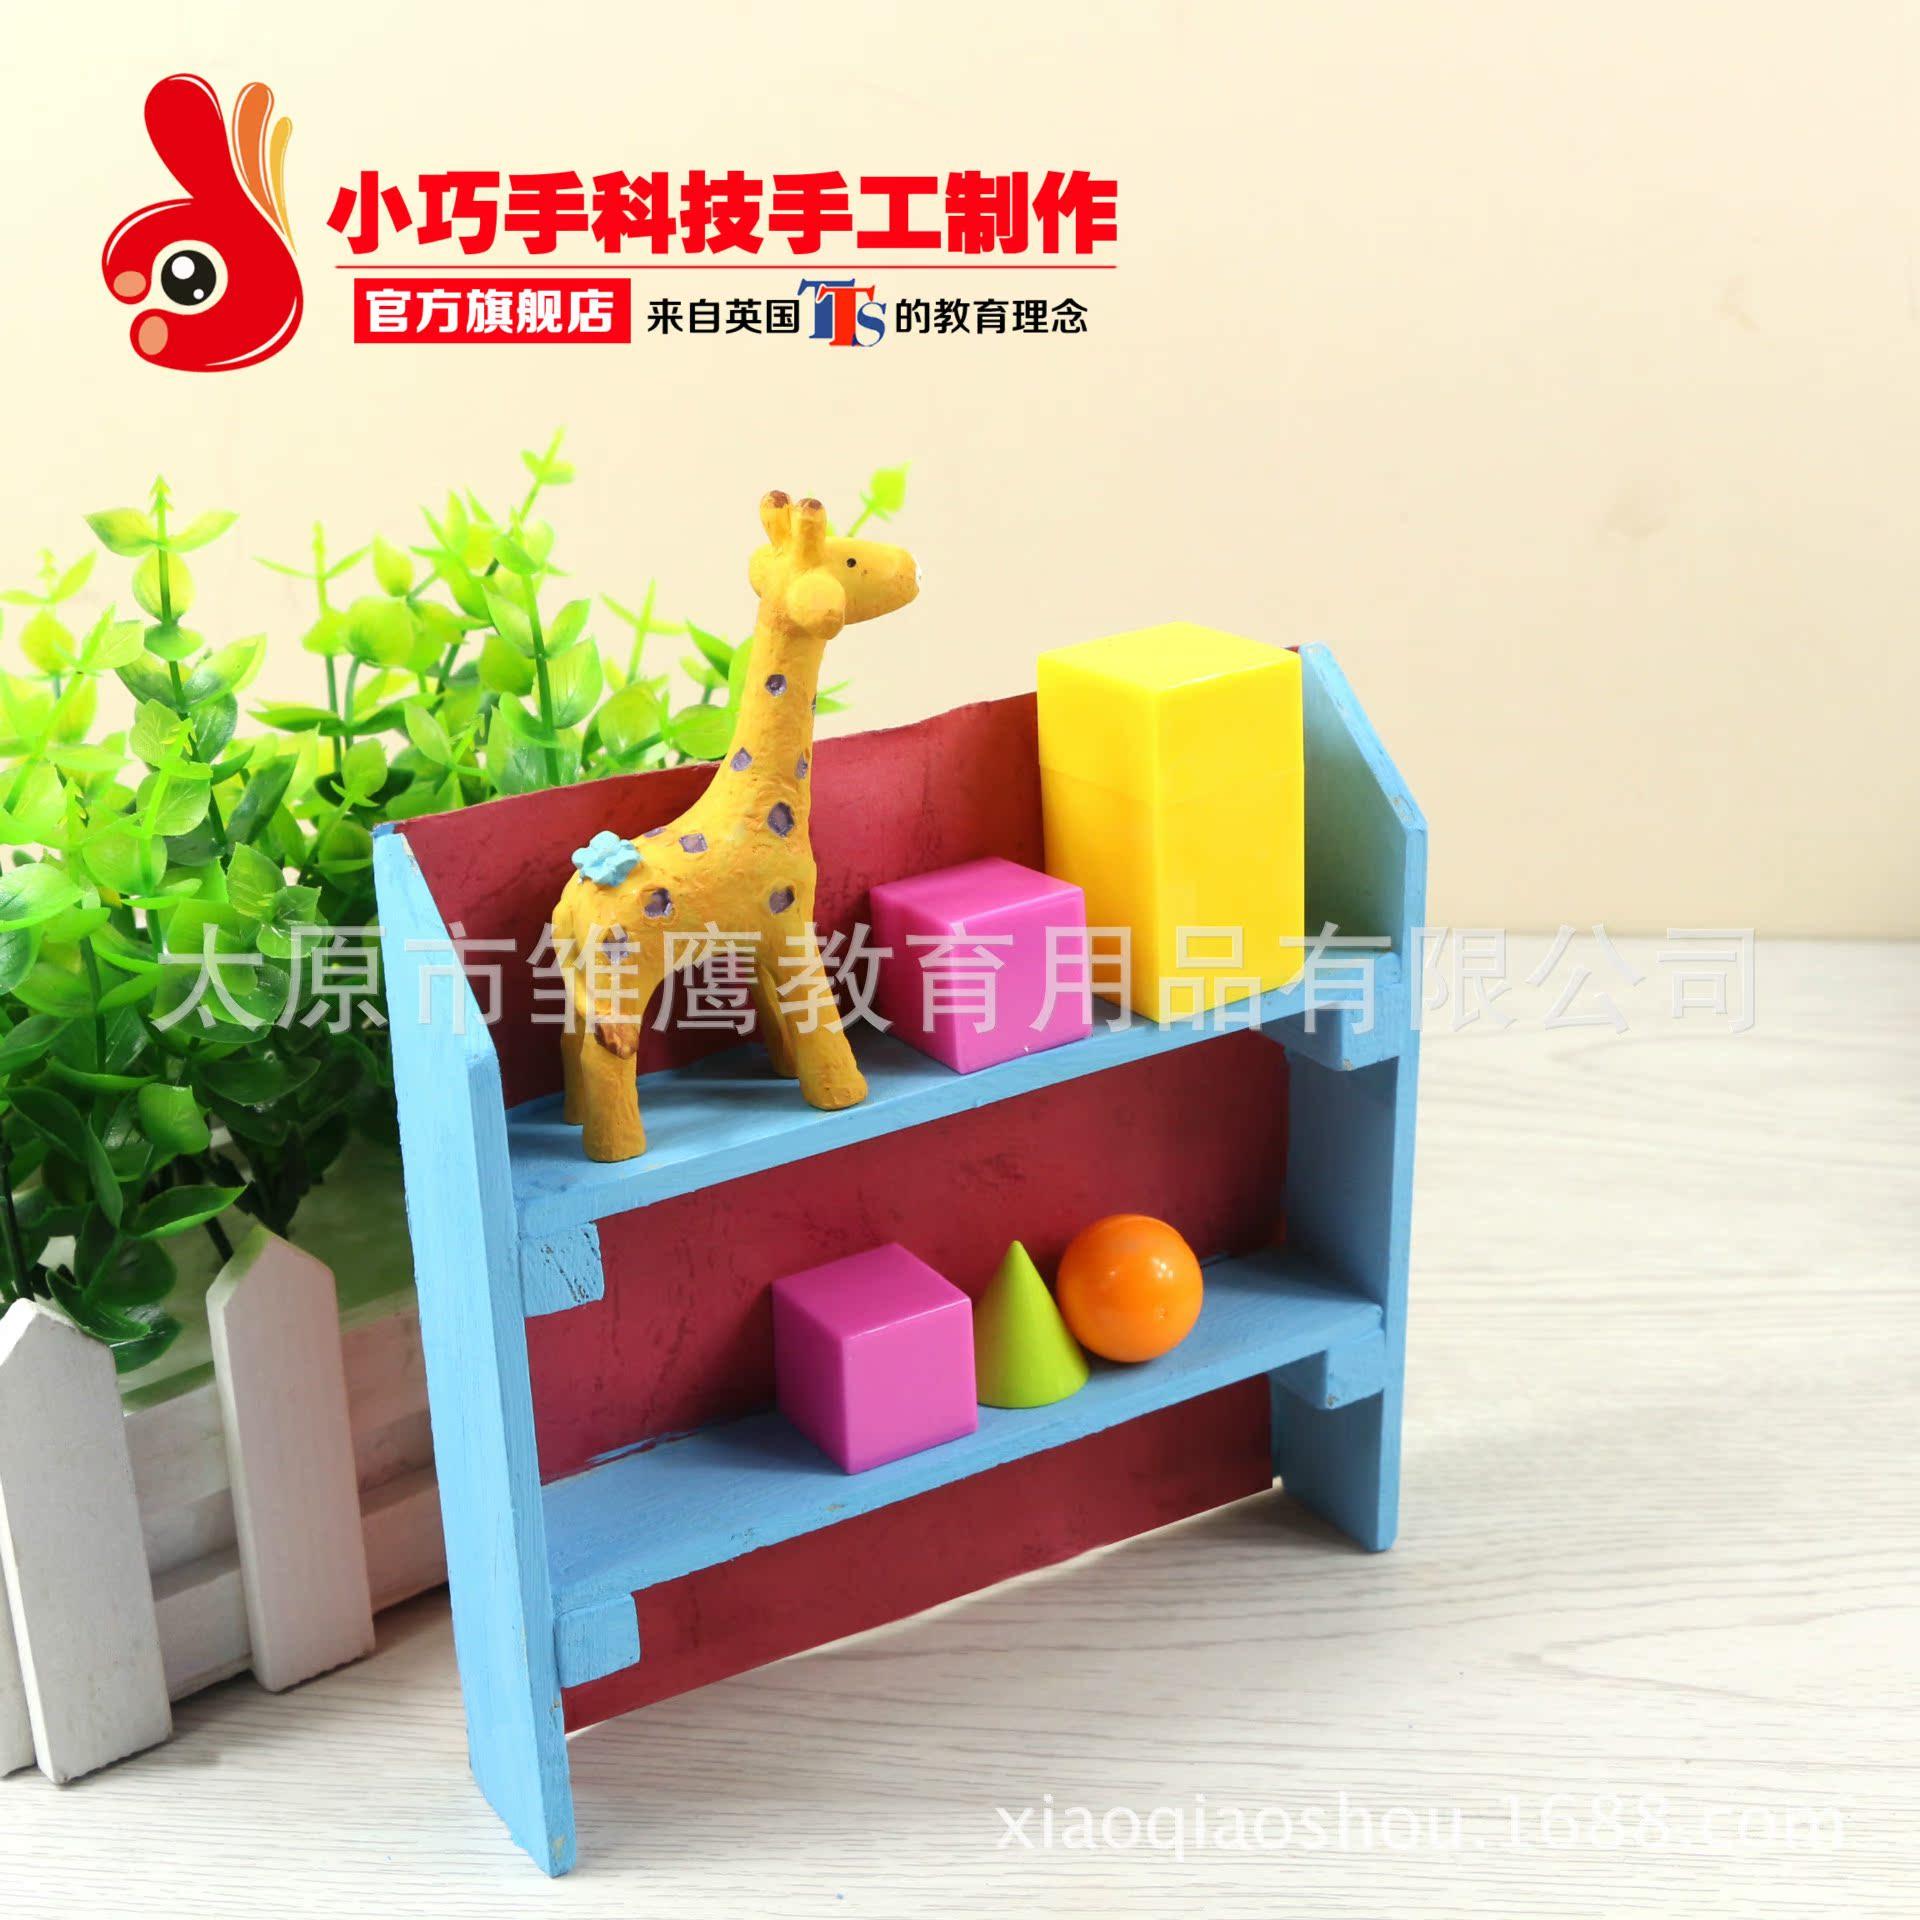 简易小书架厂家批发diy创意科技手工小制作木制创意玩具模型材料